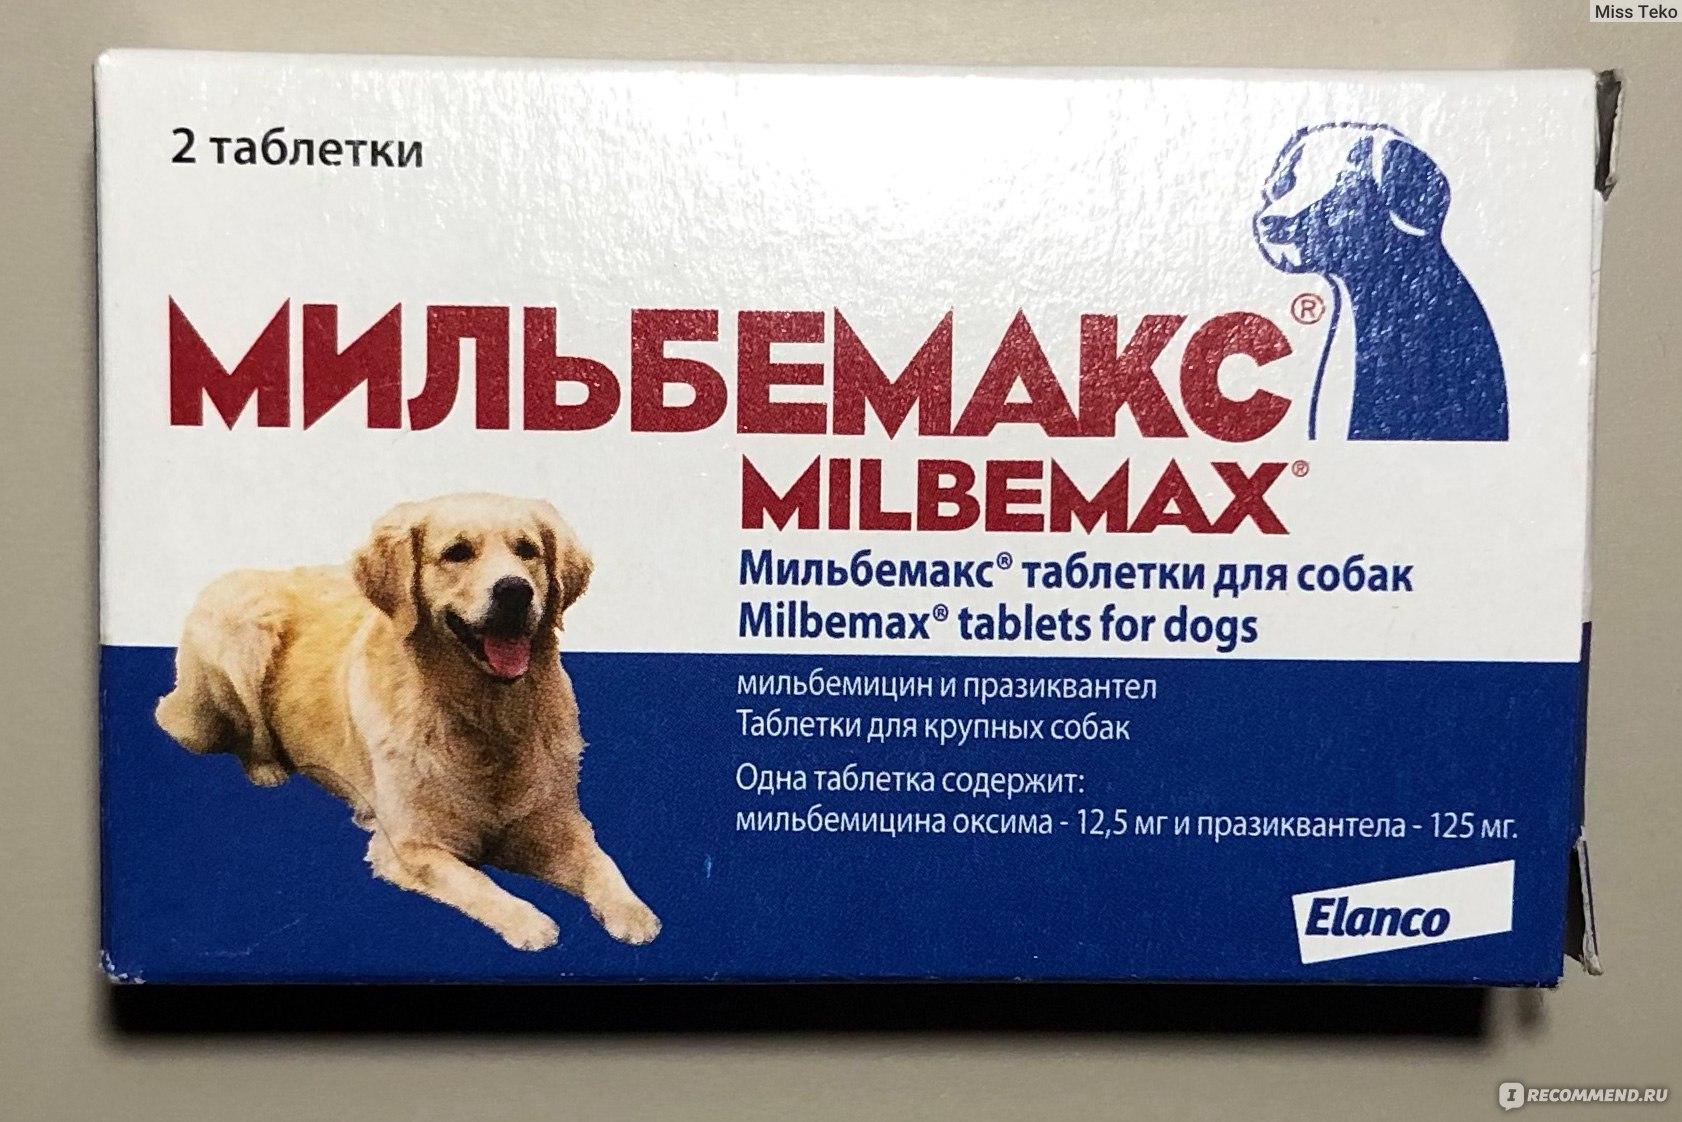 Албендазол 10% гранулянт — инструкция по применению антигельминтика для животных и птиц